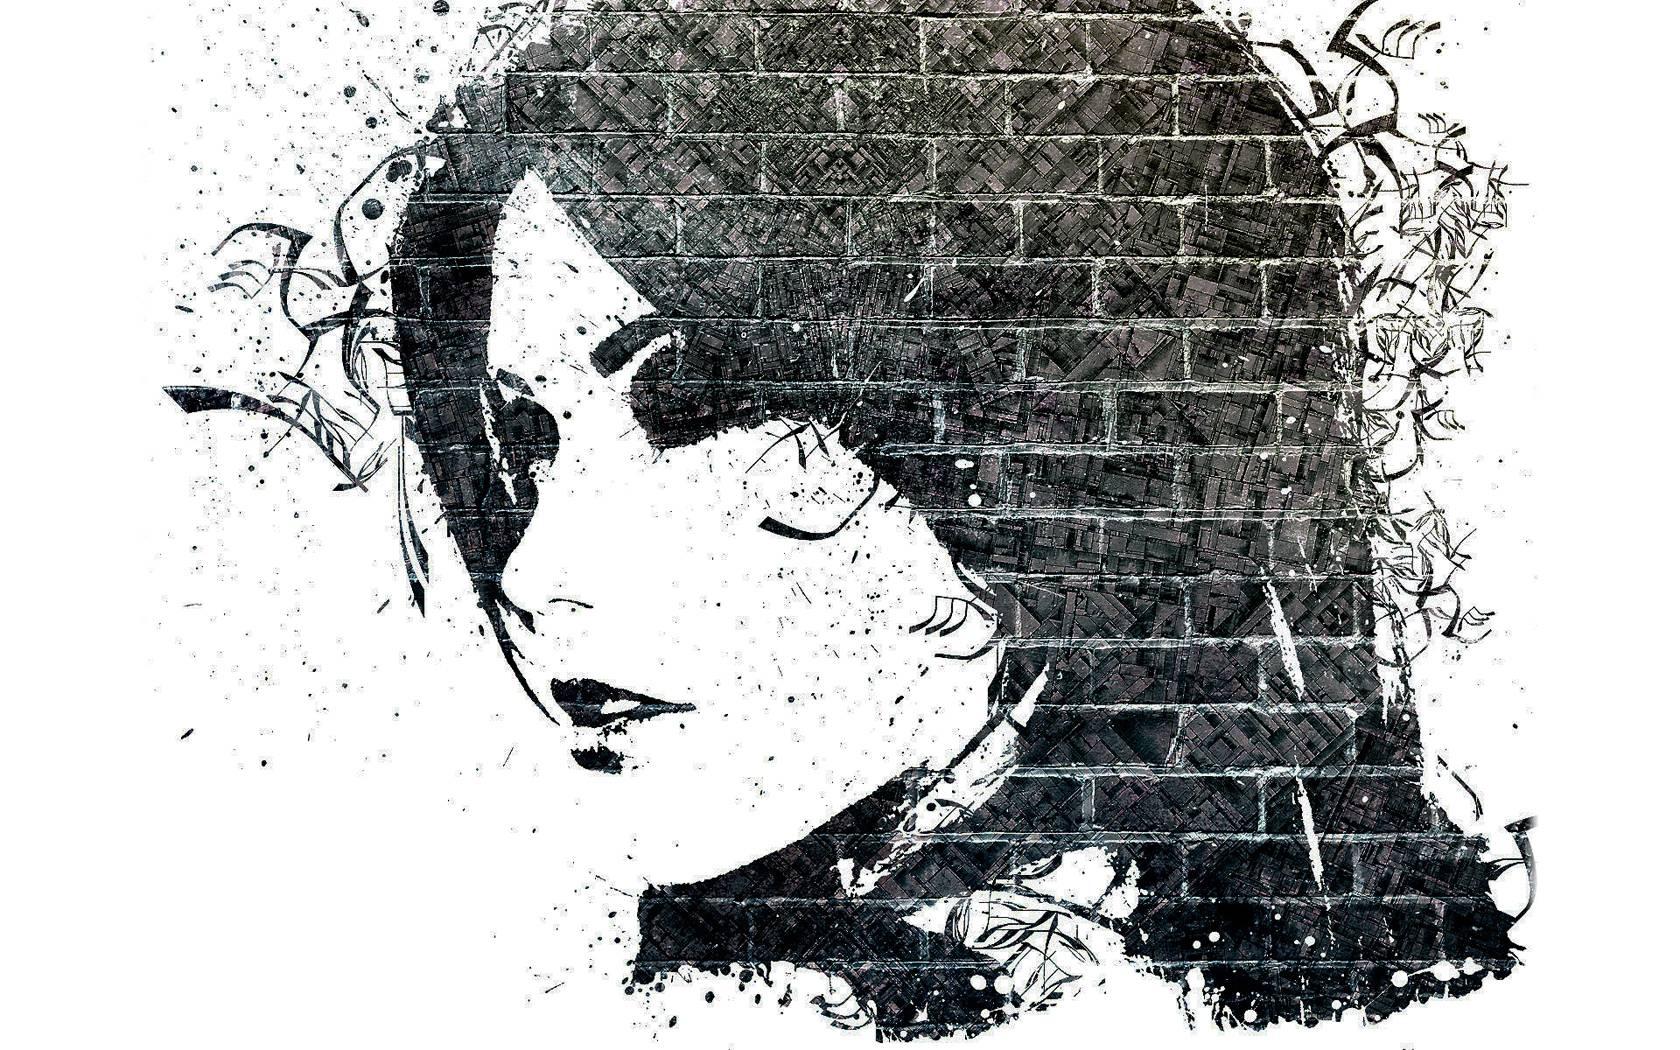 street art desktop wallpaper